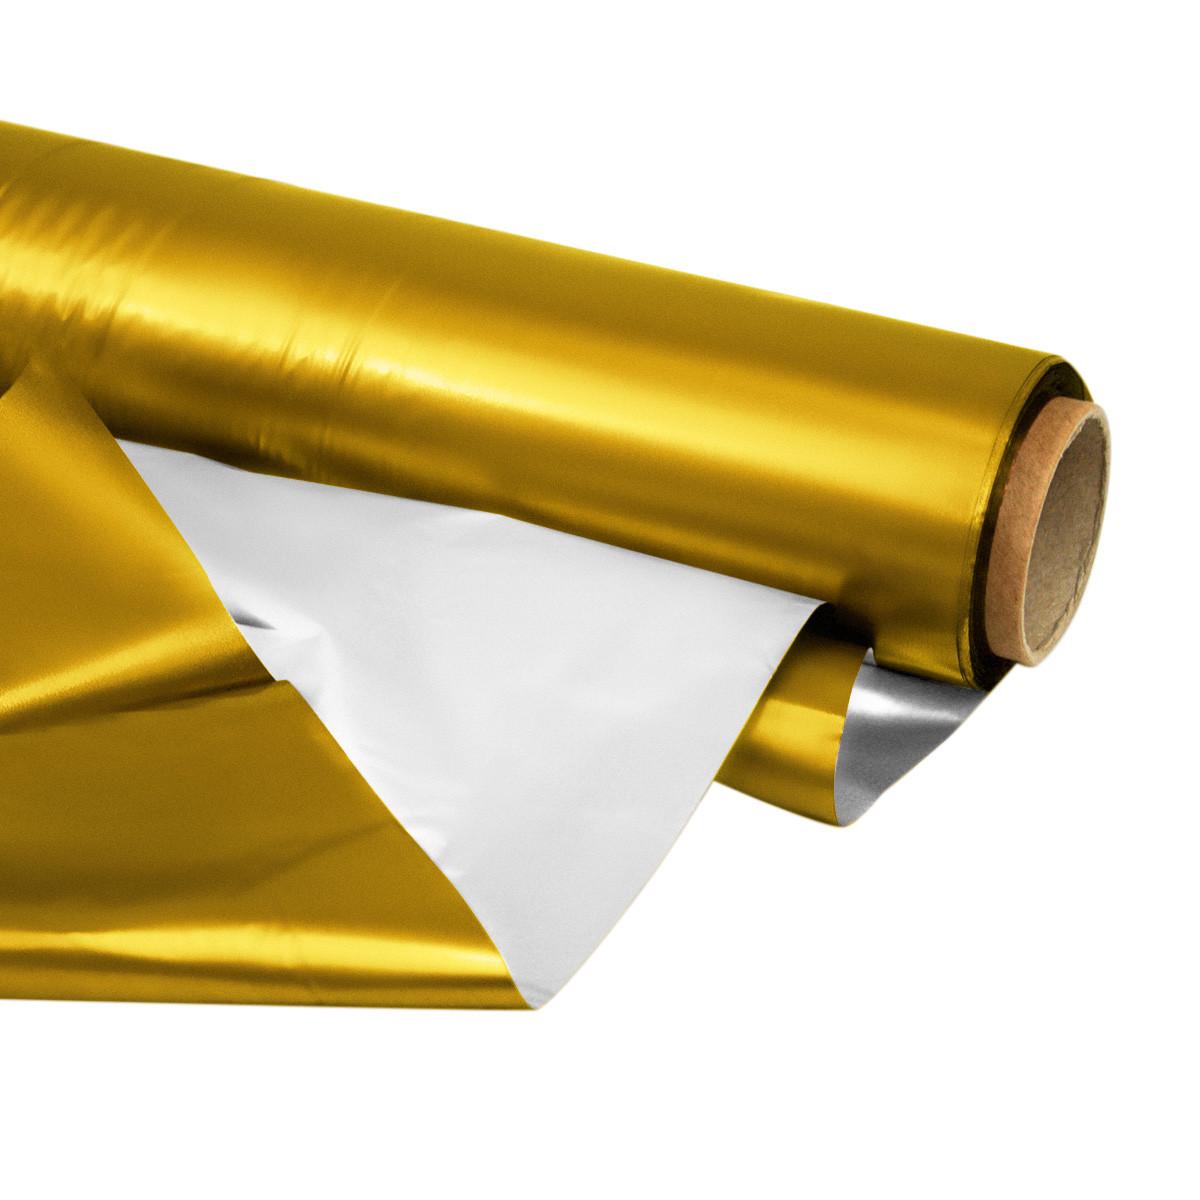 Матовая пленка золотистая 70 см х 10 метров